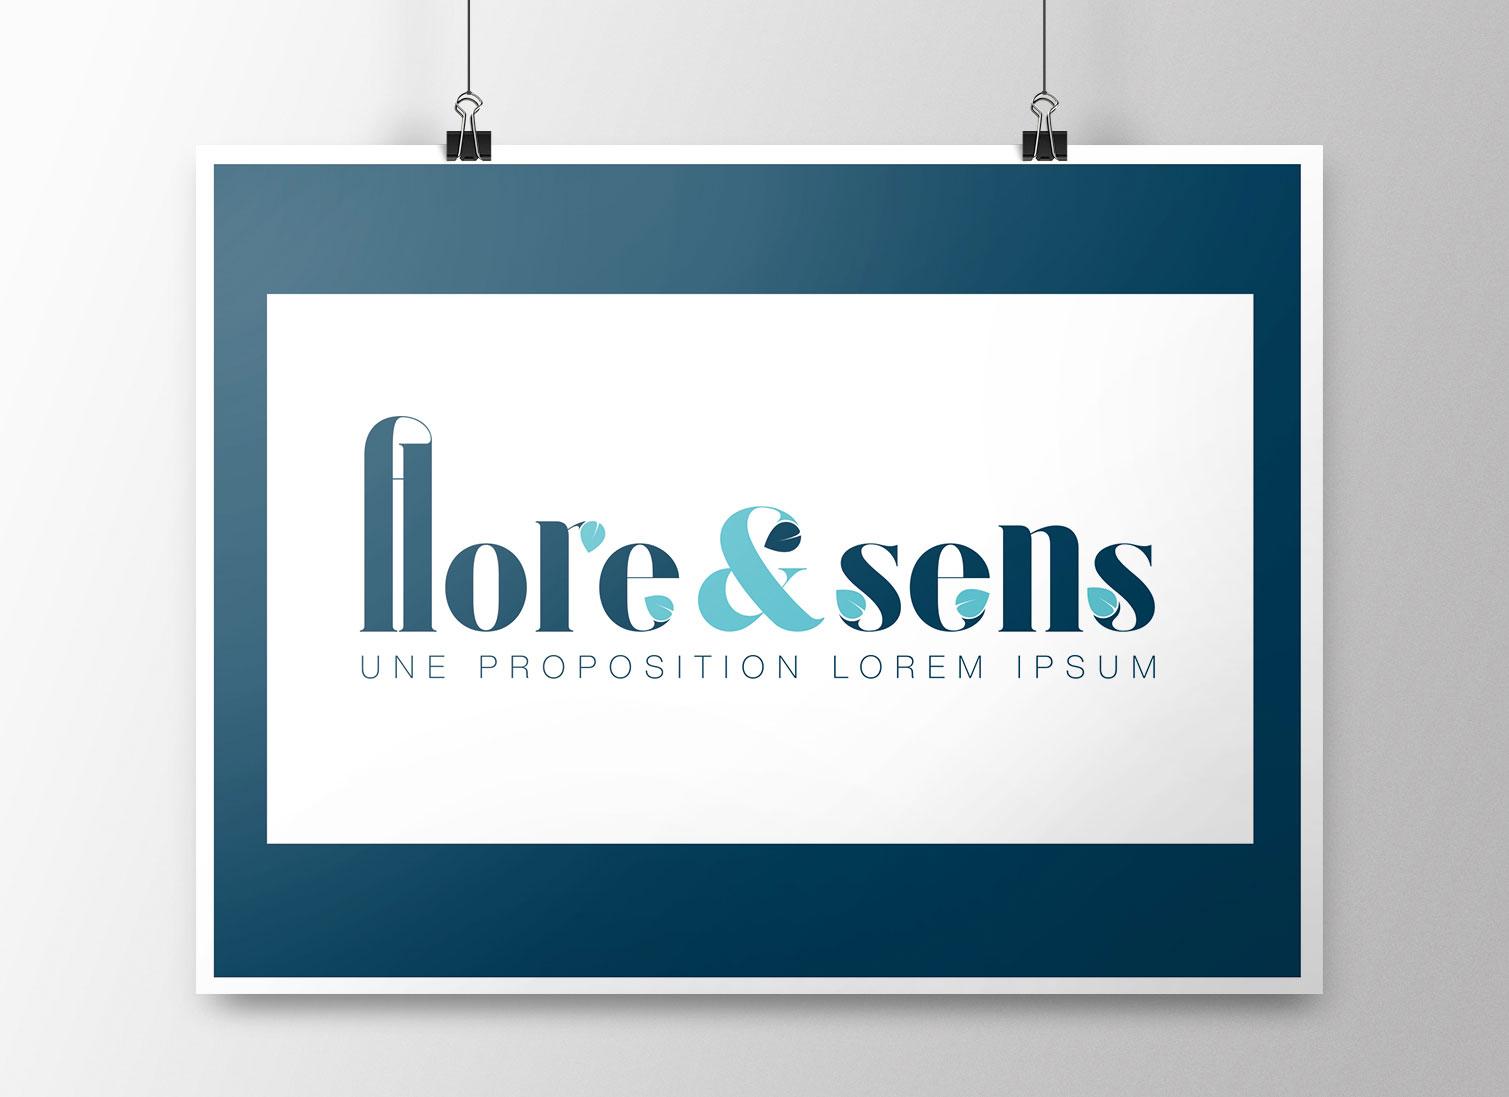 floresens_logo_01